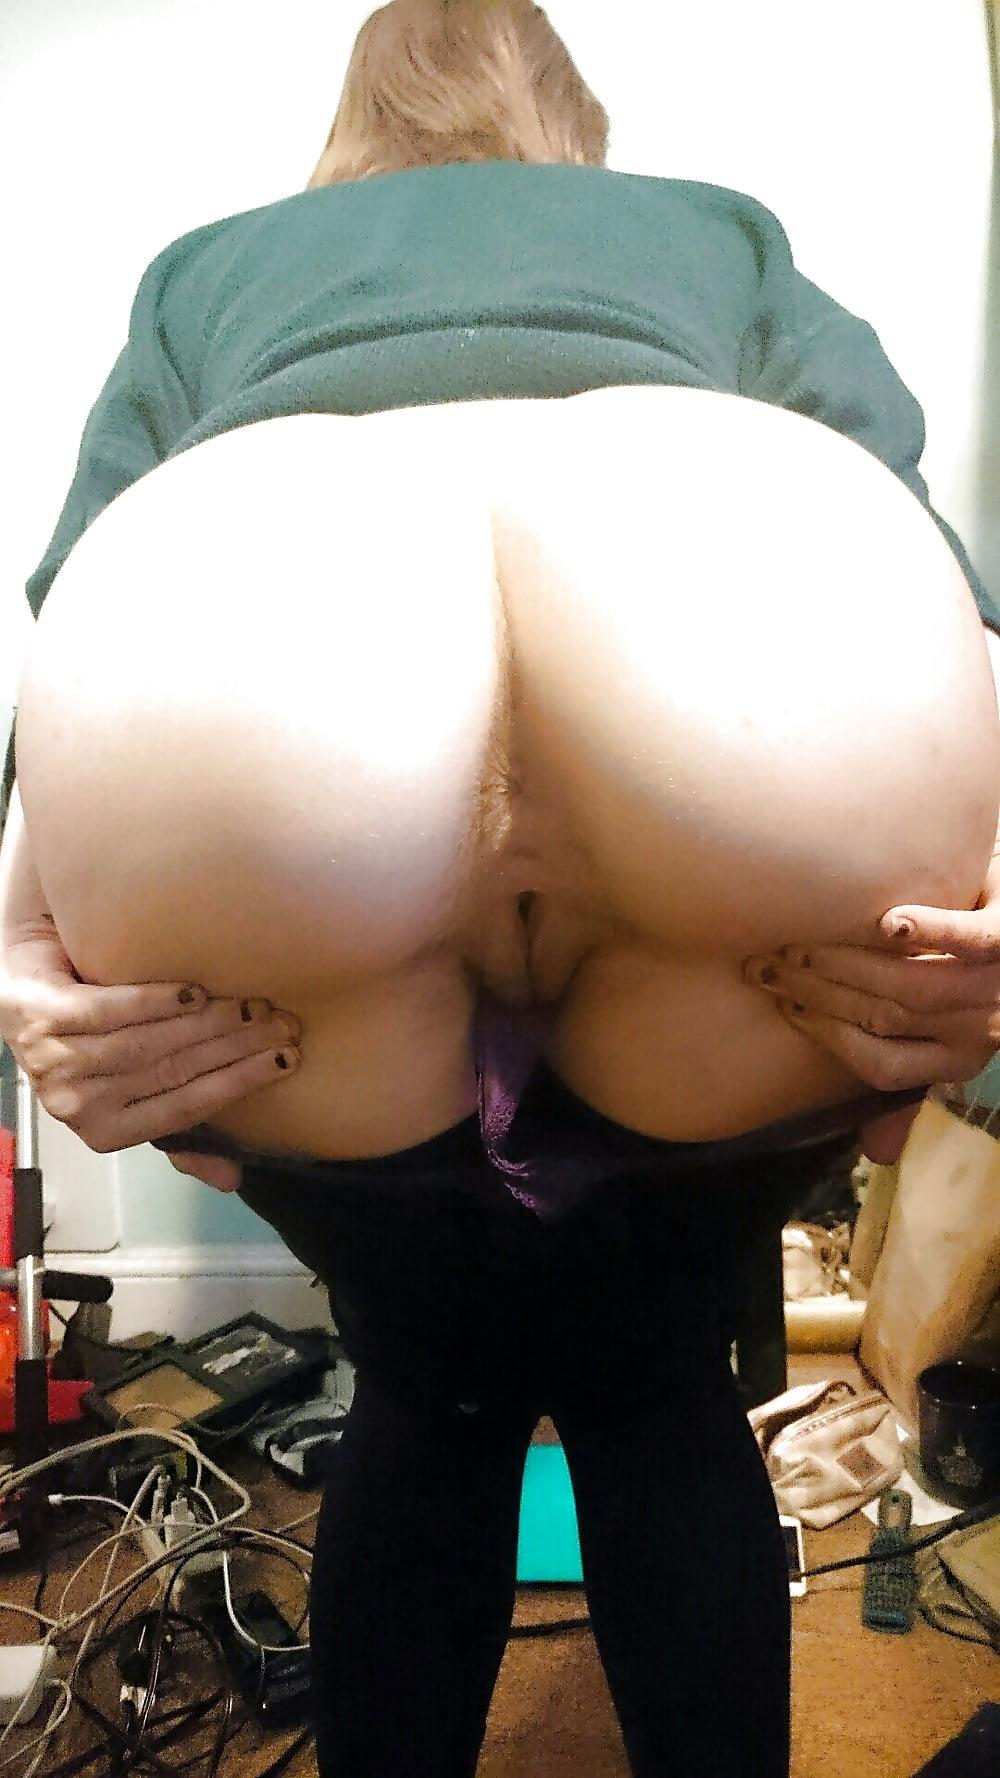 Уля показывает свою попу фото, эмбер бланк в порно